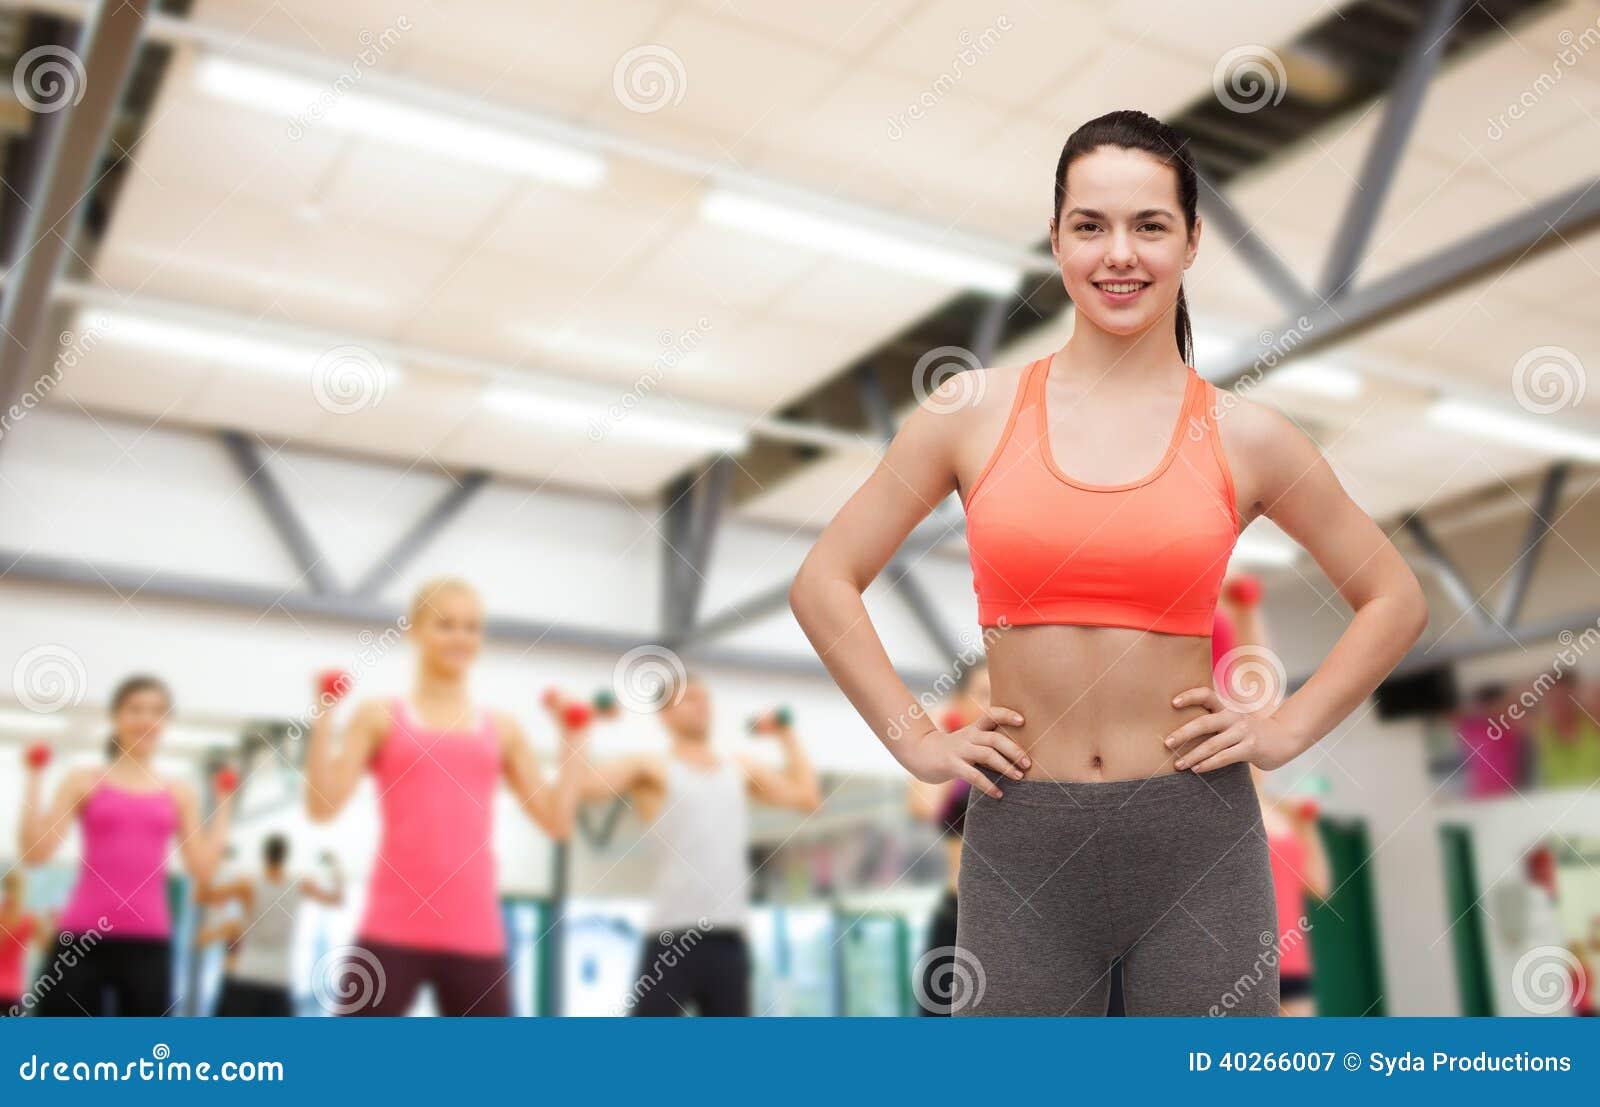 Adolescente sonriente en ropa de deportes